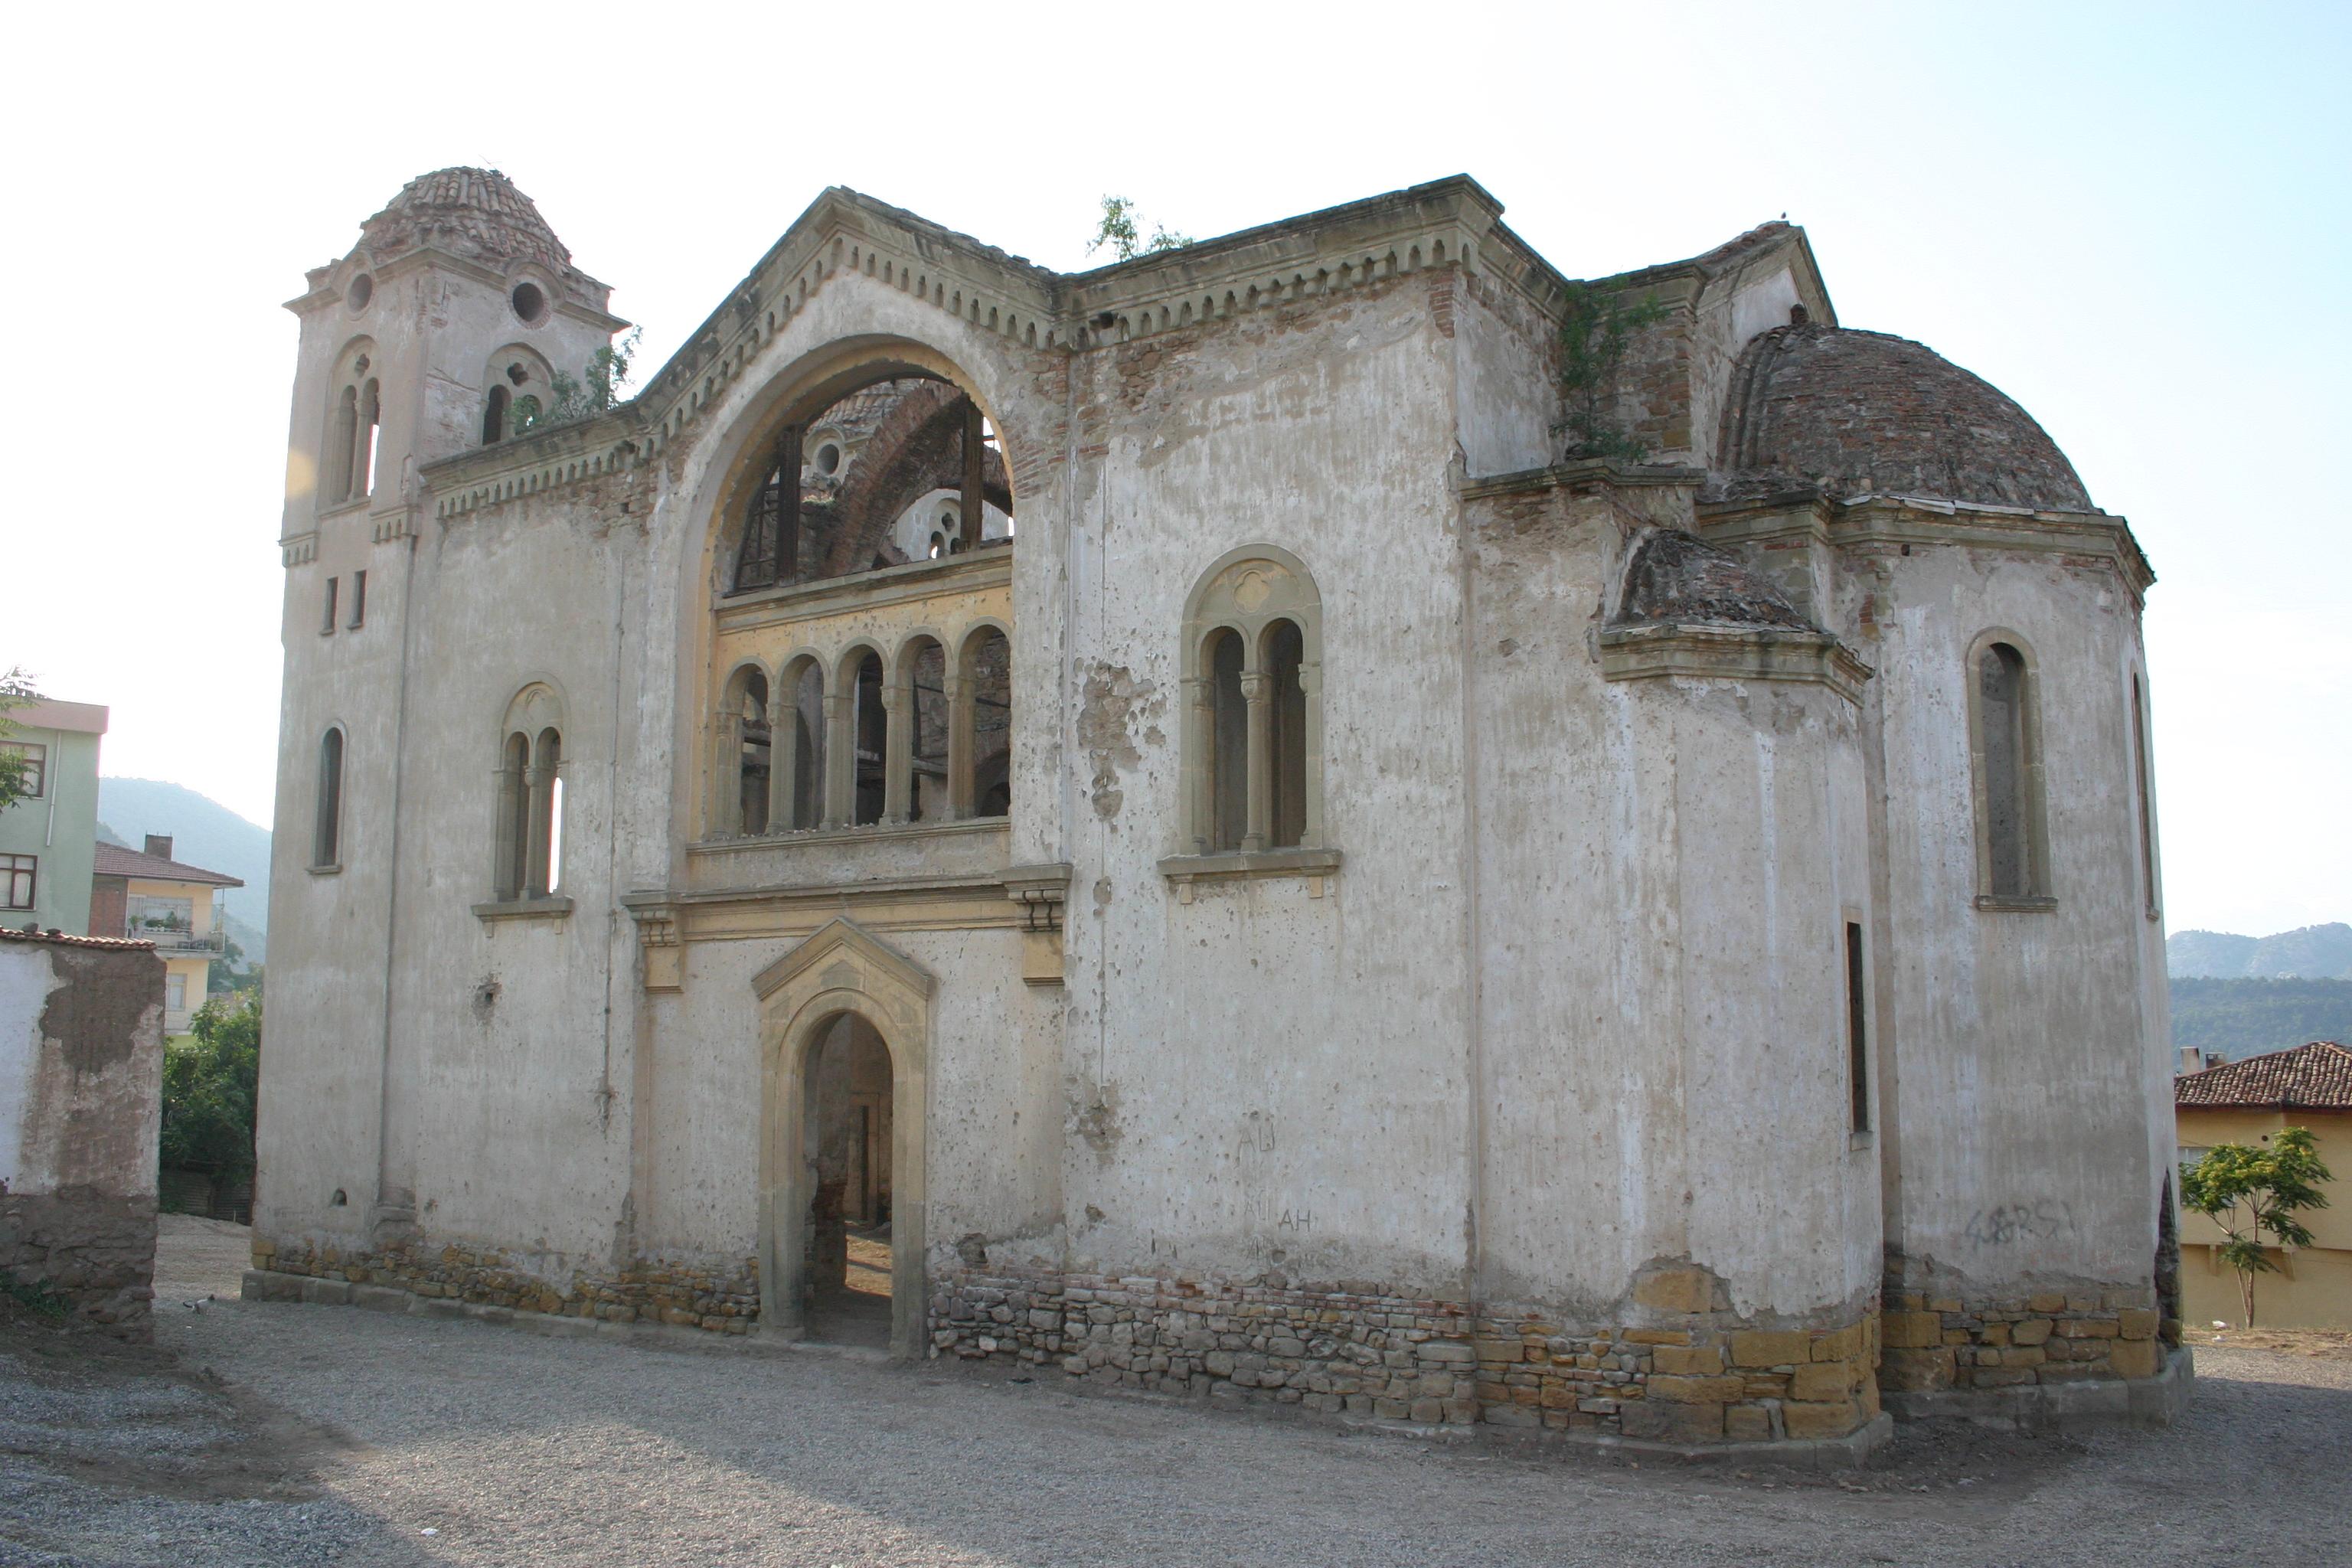 Fotoğraf 63. Hagios Georgios (Aya Yorgi) Rum Kilisesi güney cephesi.